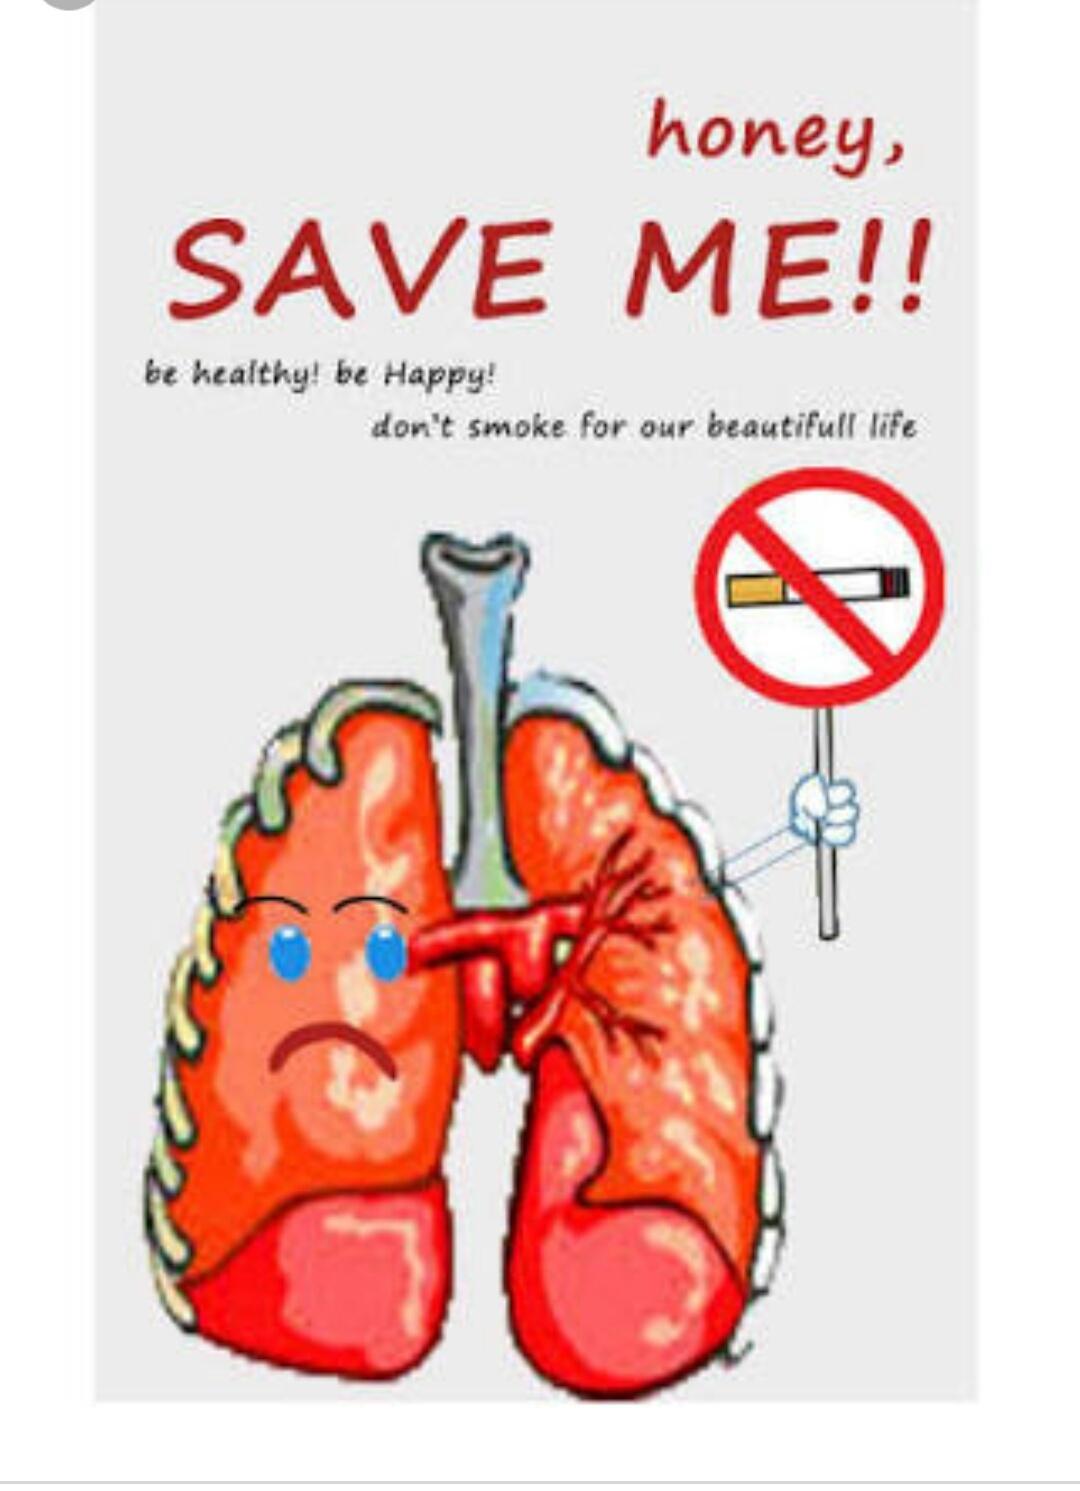 Unduh 61+ Gambar Poster Upaya Menjaga Kesehatan Sistem Pernapasan Manusia Paling Baru Gratis